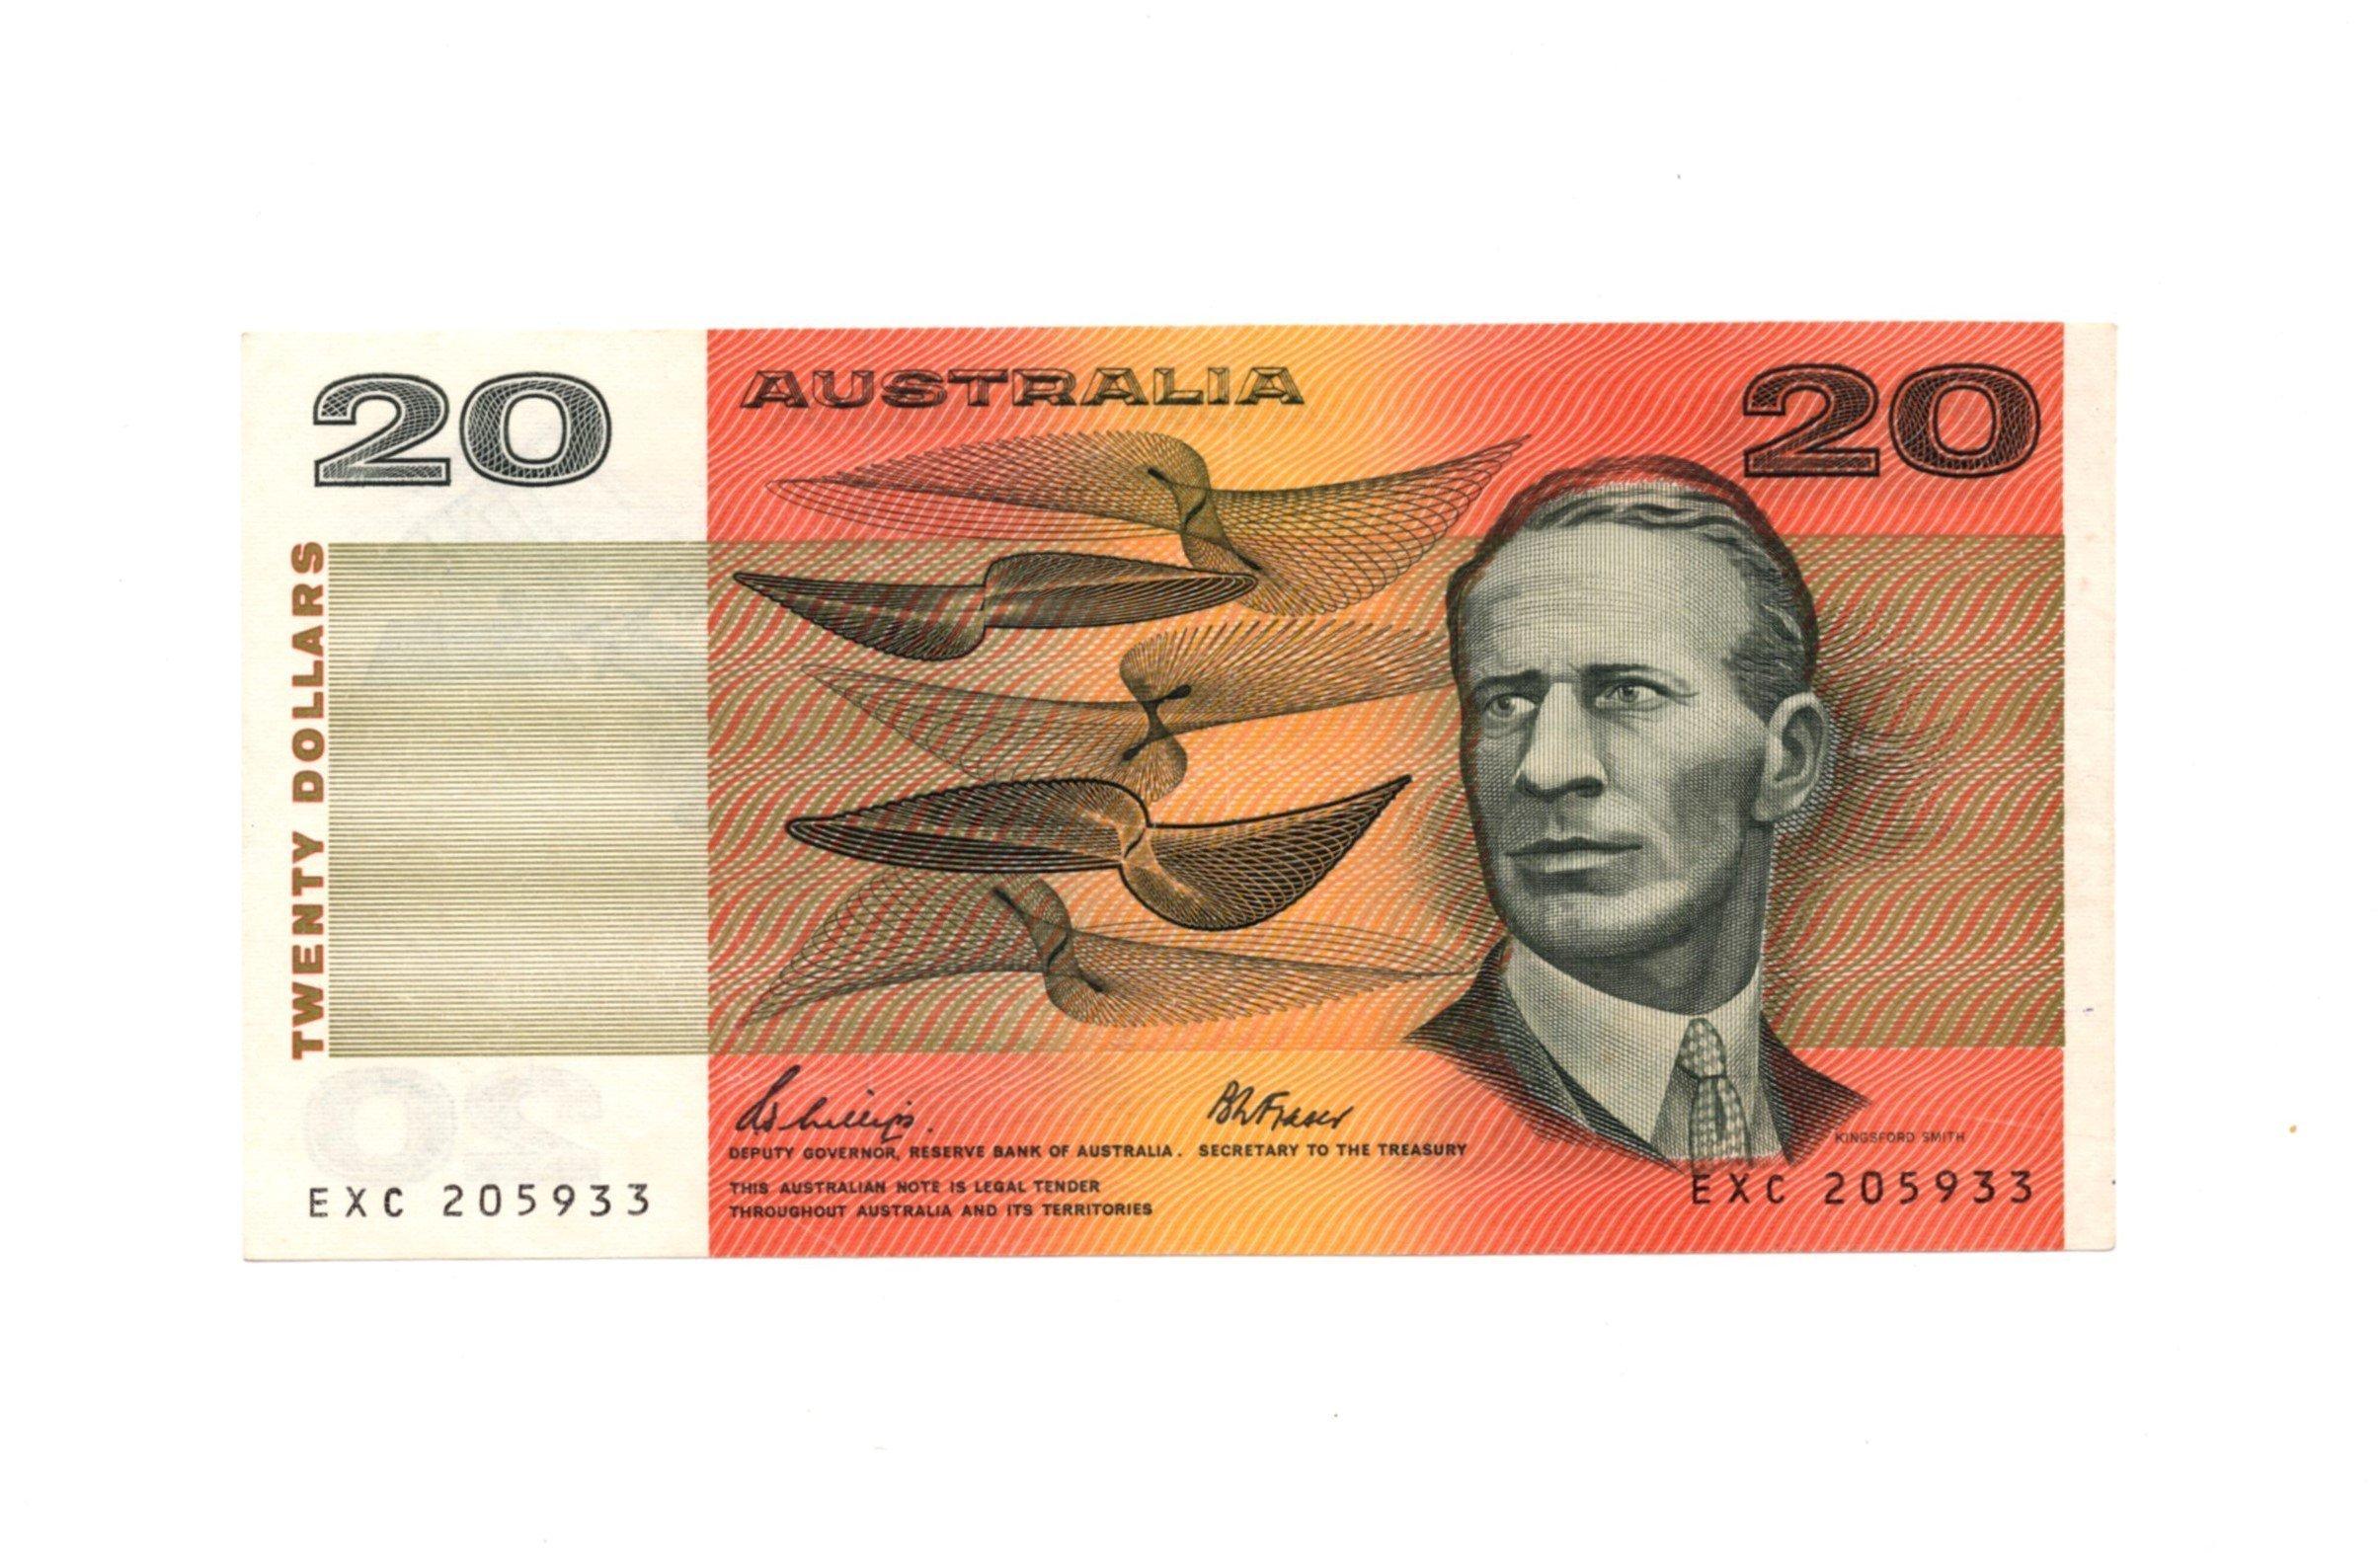 australia 20 dolalrs